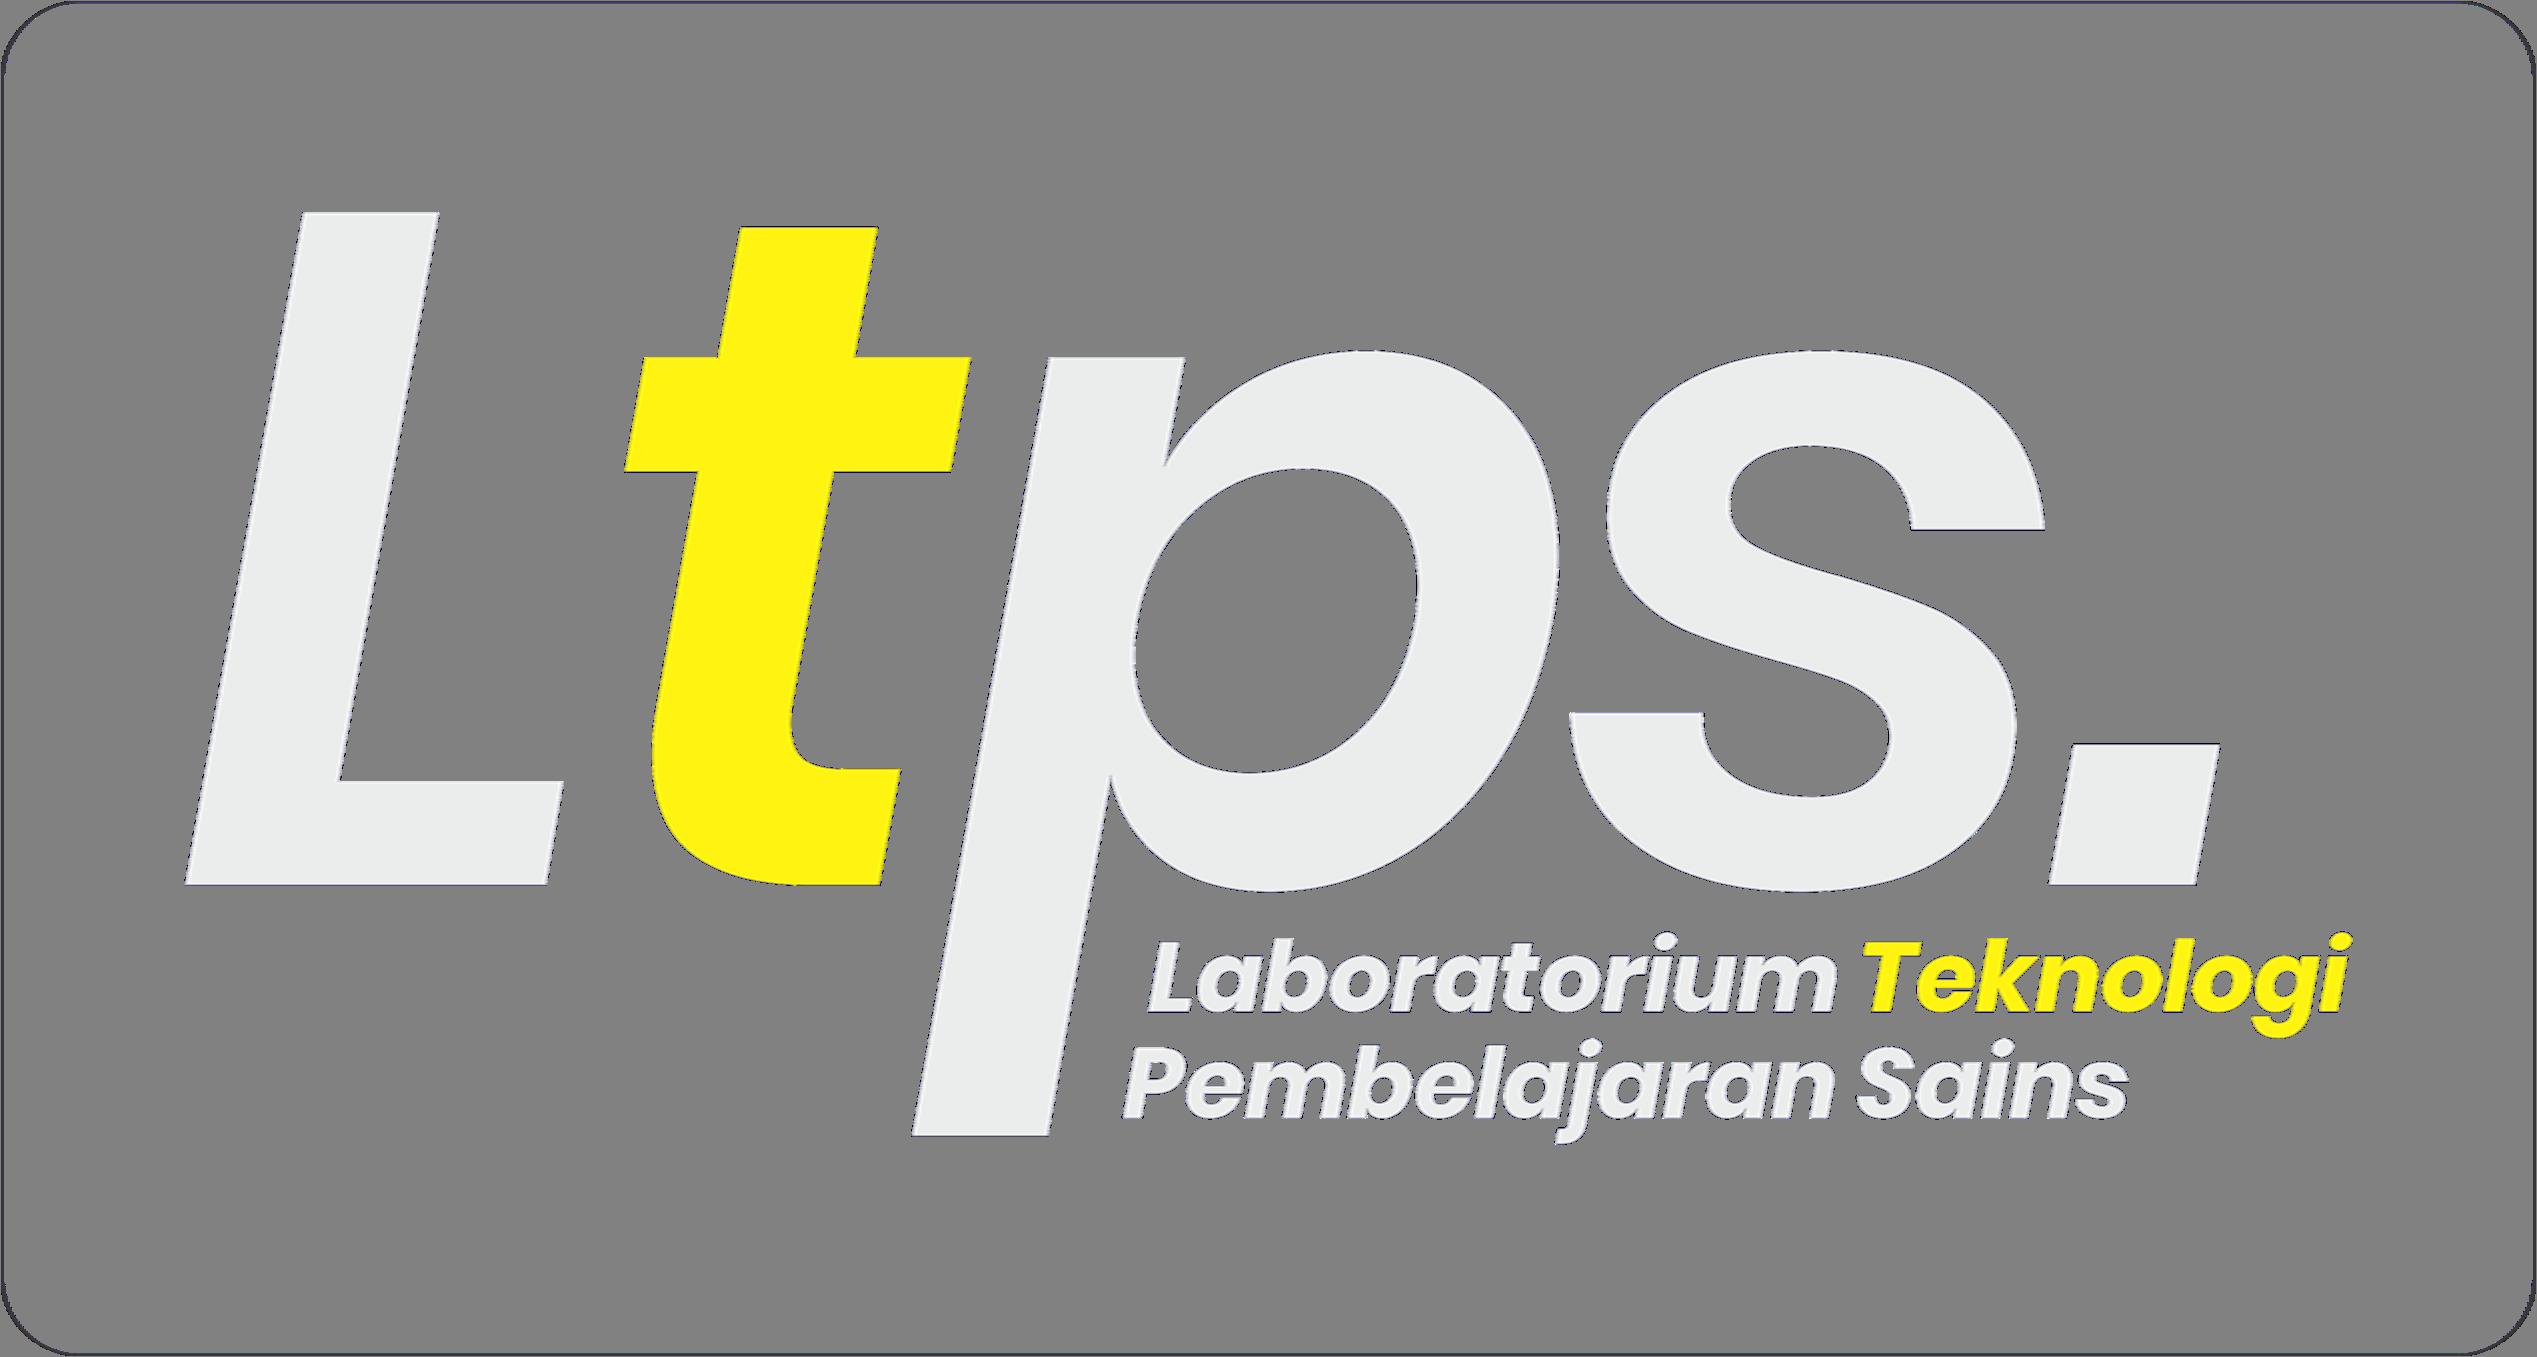 Laboratorium Teknologi Pembelajaran Sains